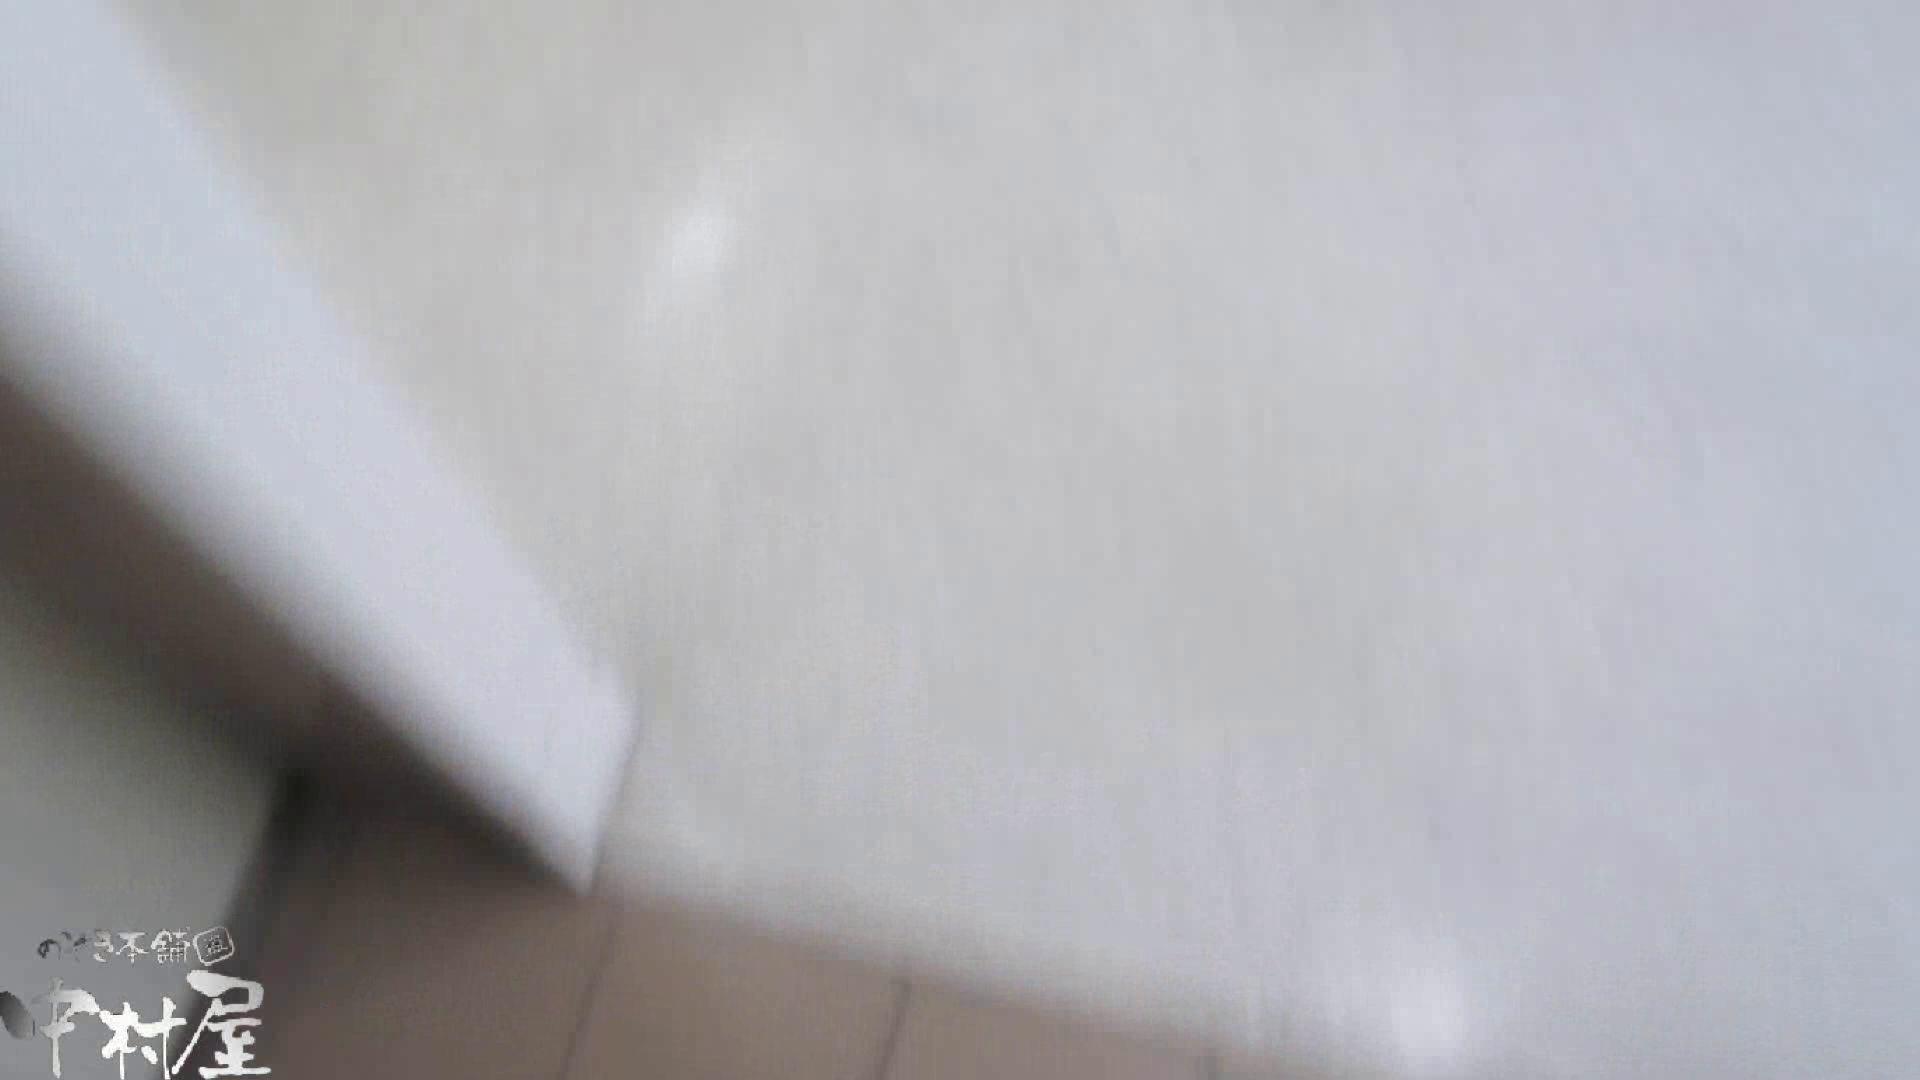 魂のかわや盗撮62連発! ドデカイ空爆! 14発目! 黄金水 | 盗撮  60pic 36